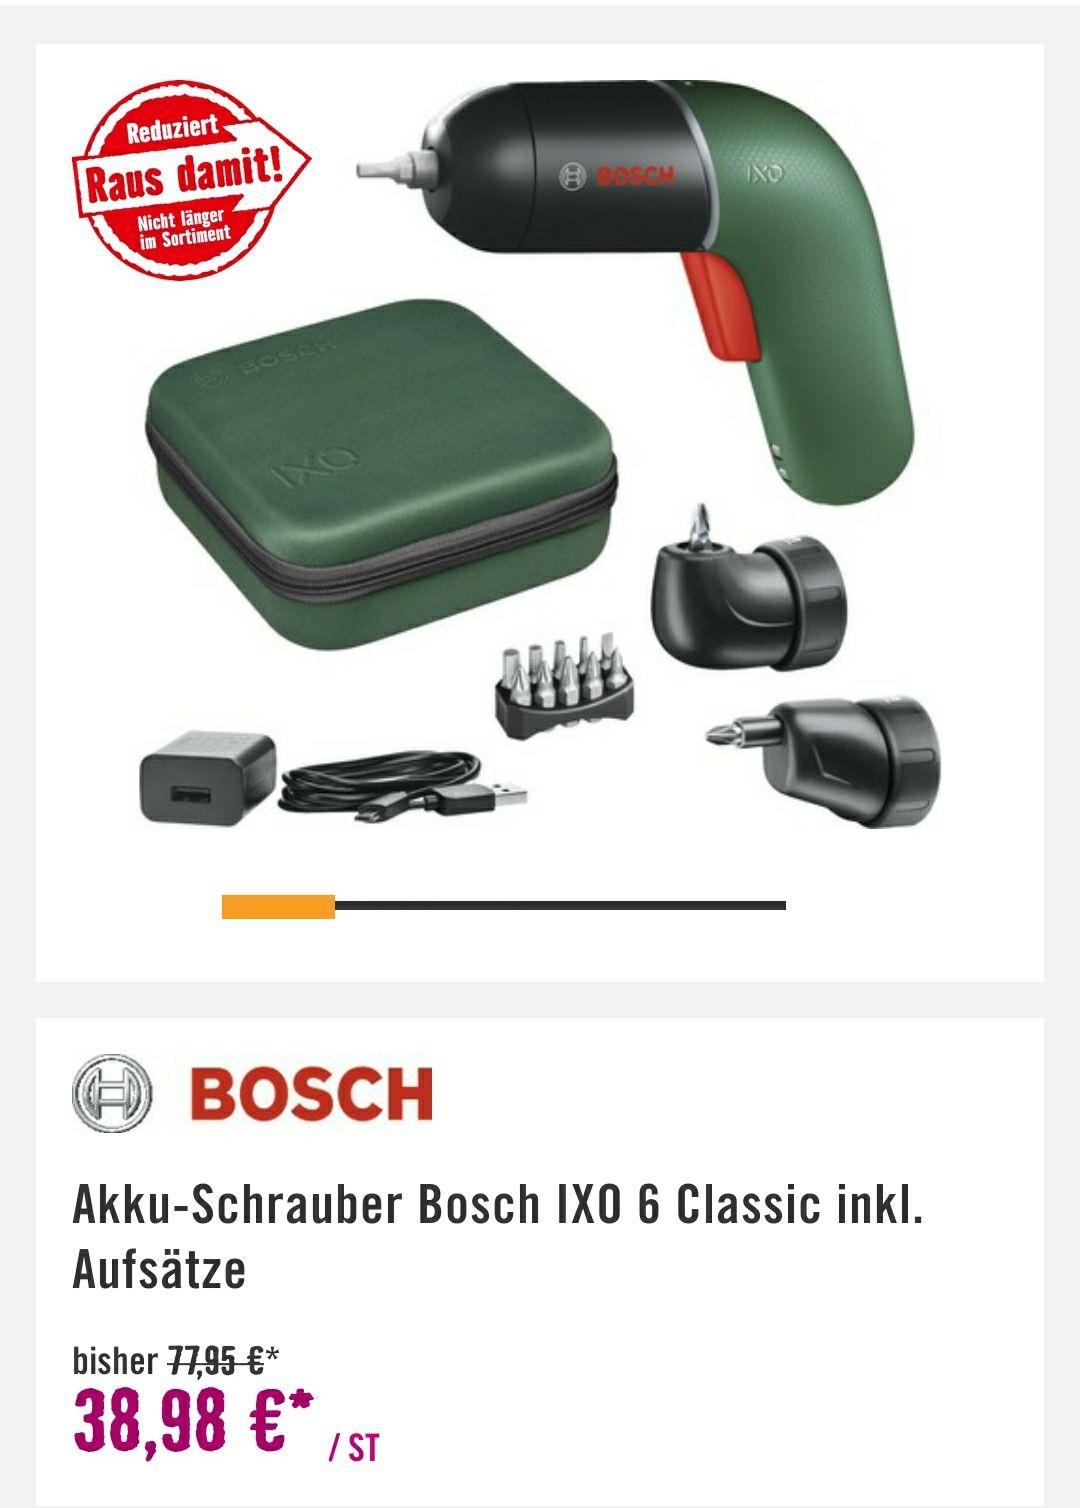 [Lokal - Brunn am Gebirge] Akku-Schrauber Bosch IXO 6 Classic inkl. Aufsätze für jeden